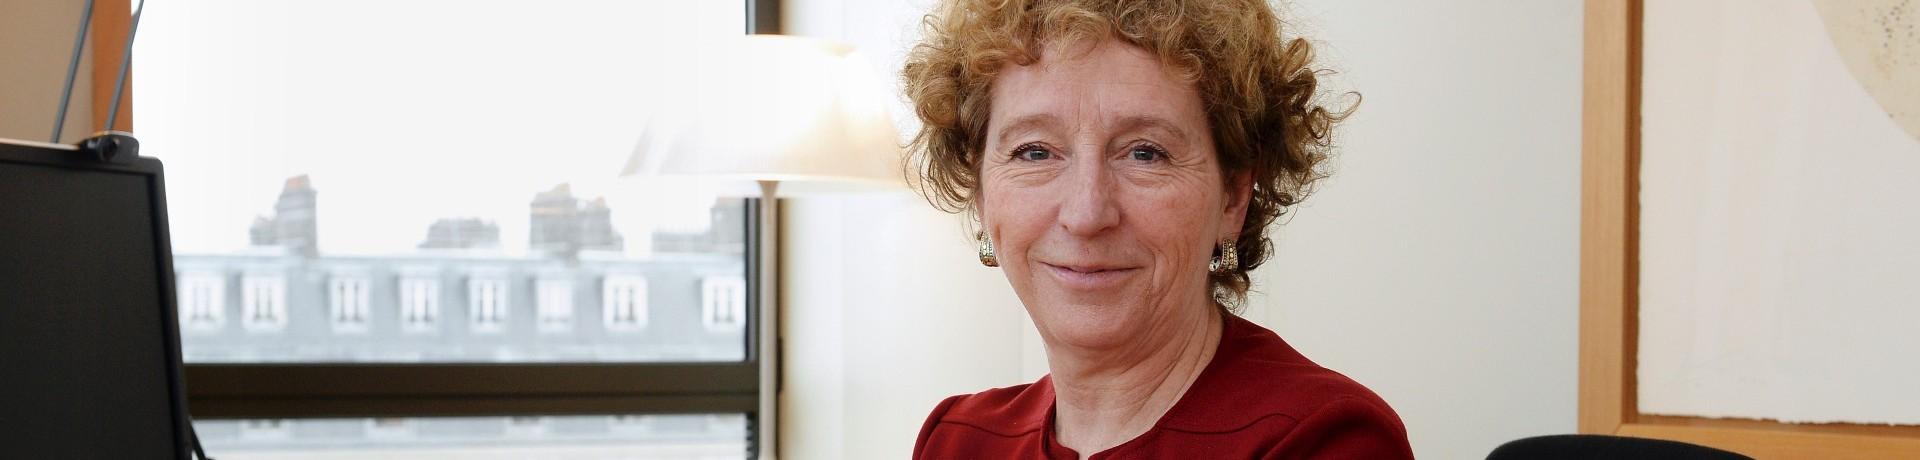 Muriel Pénicaud, la nouvelle ministre du Travail du premier gouvernement Macron